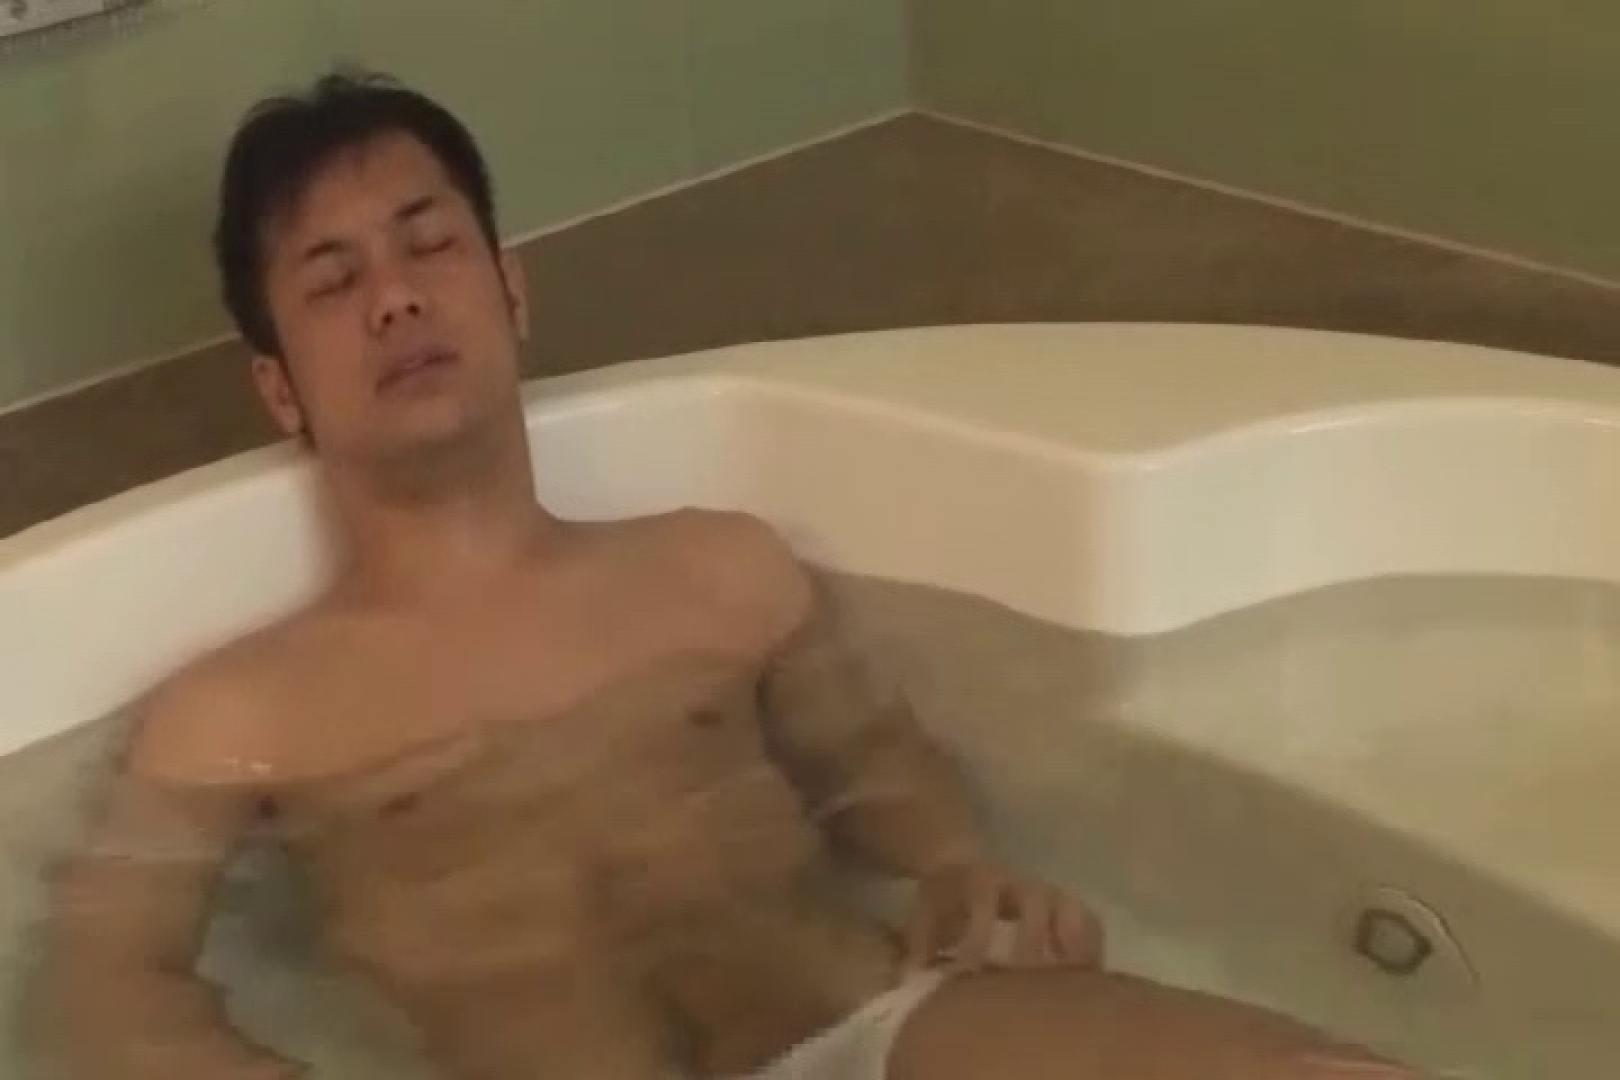 暴れん棒!!雄穴を狙え!! vol.02 フェラ ゲイヌード画像 95枚 41